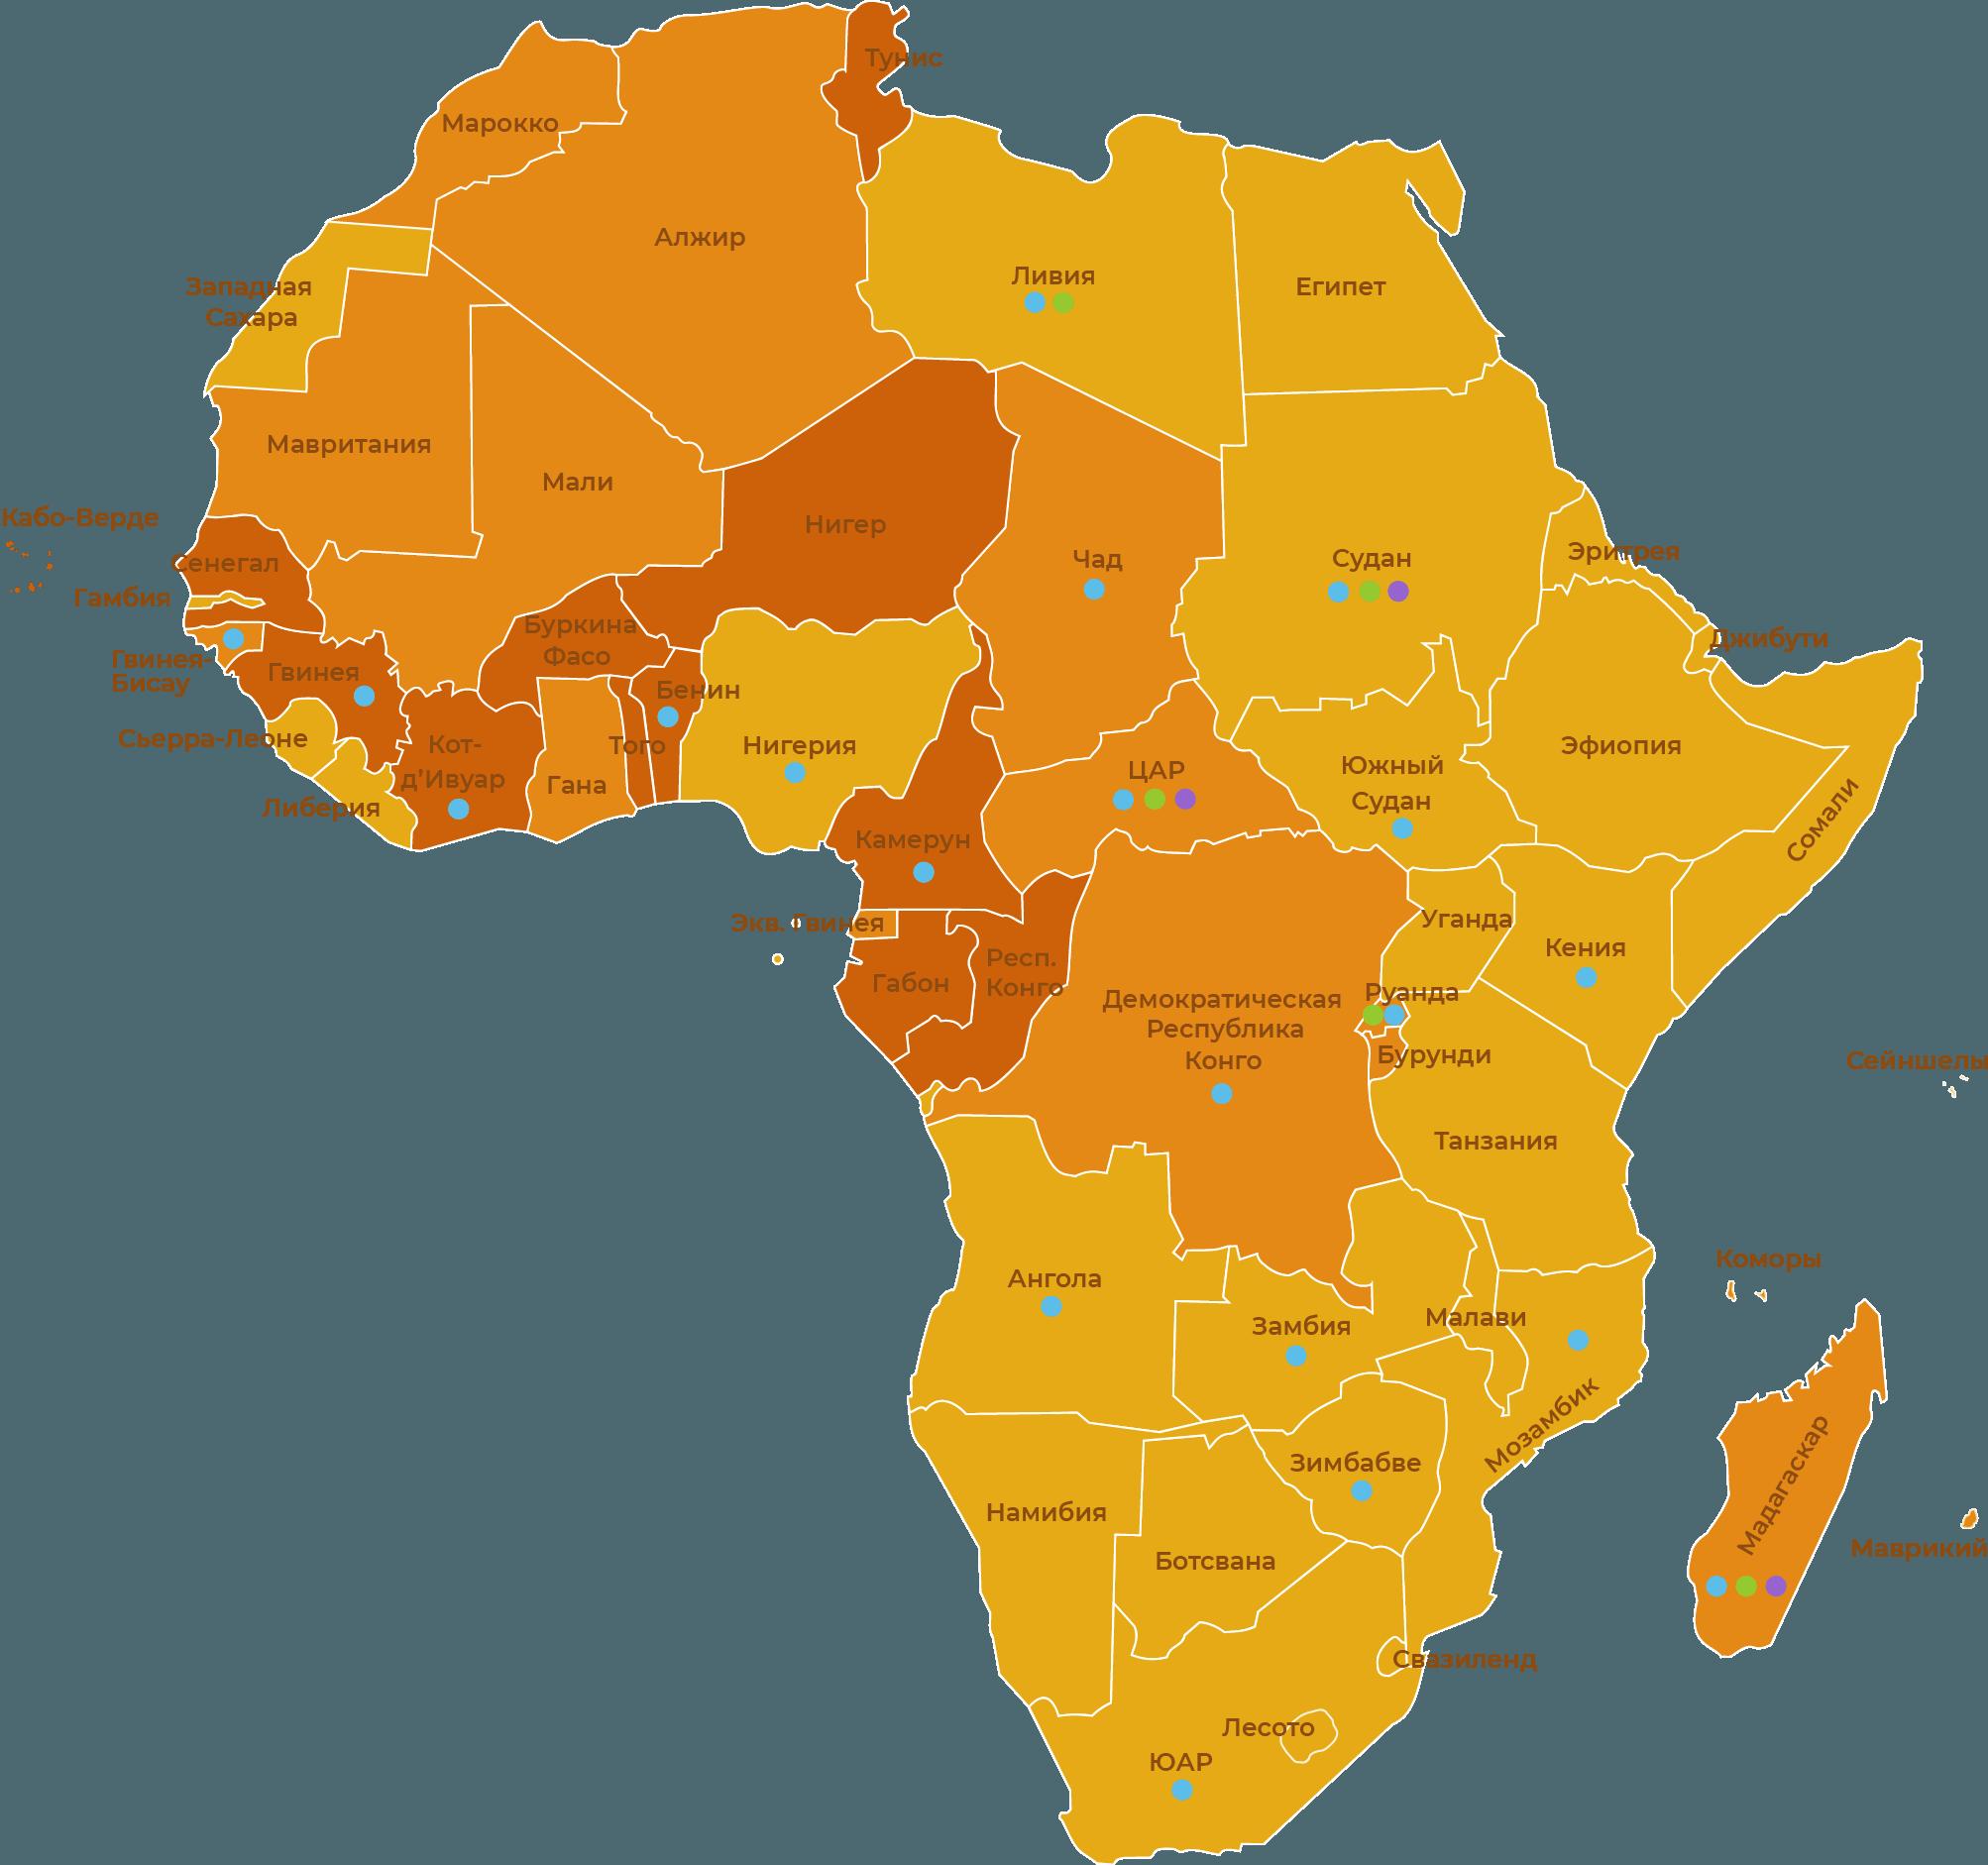 Люди, связанные с Пригожиным, работают в 20 странах континента. Среди них политтехнологи, наемники и геологи.